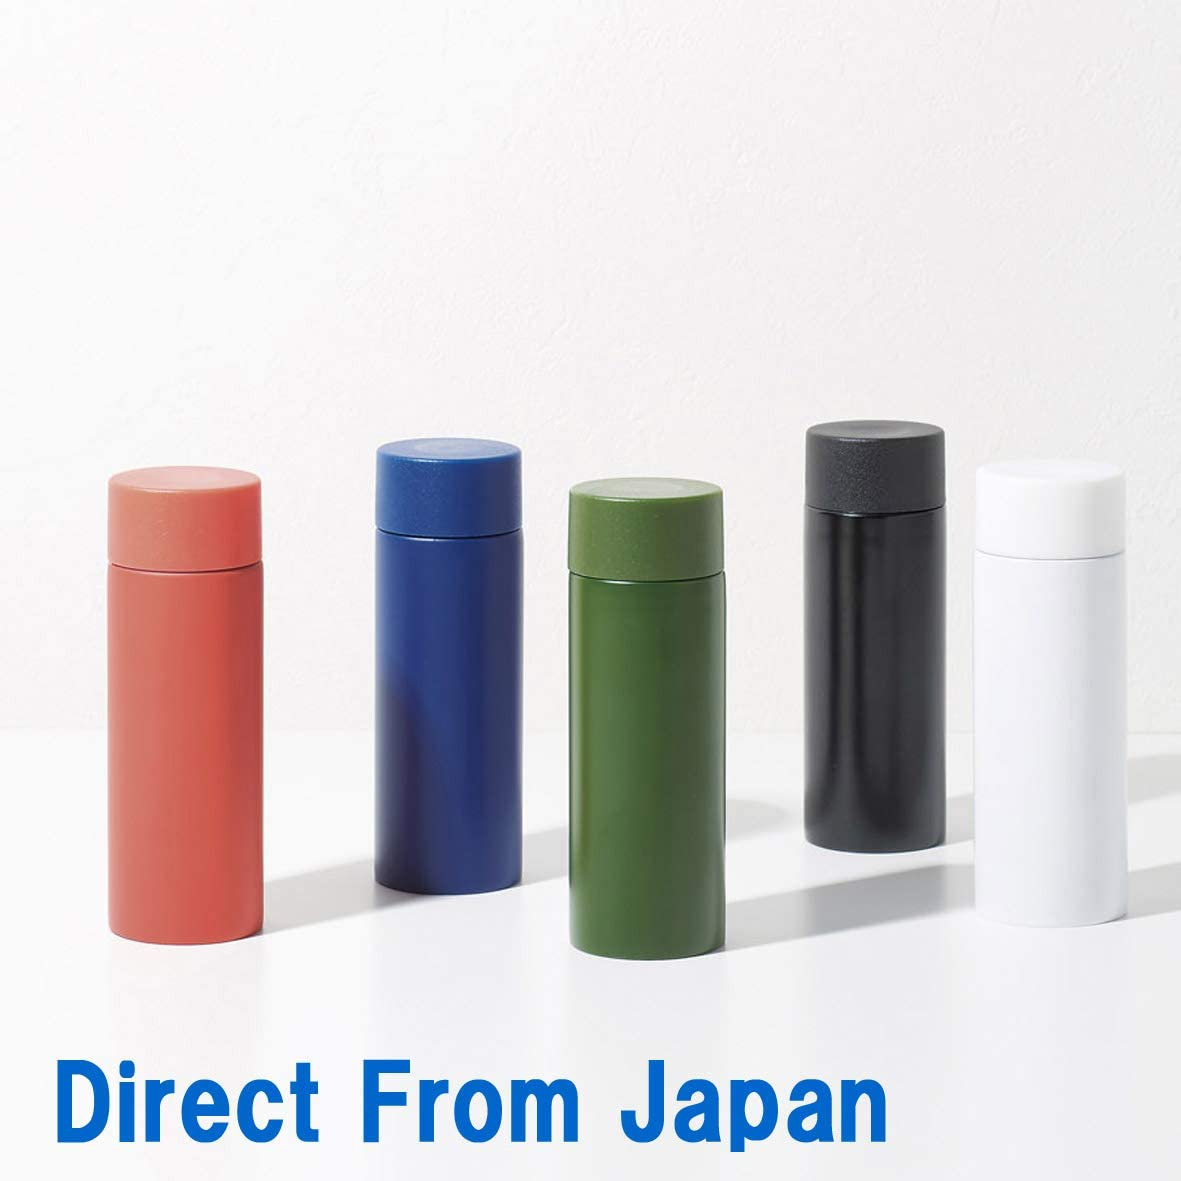 YOSHIYAMA(ヨシヤマ) ミニ ステンレスボトル 120mlの商品画像7